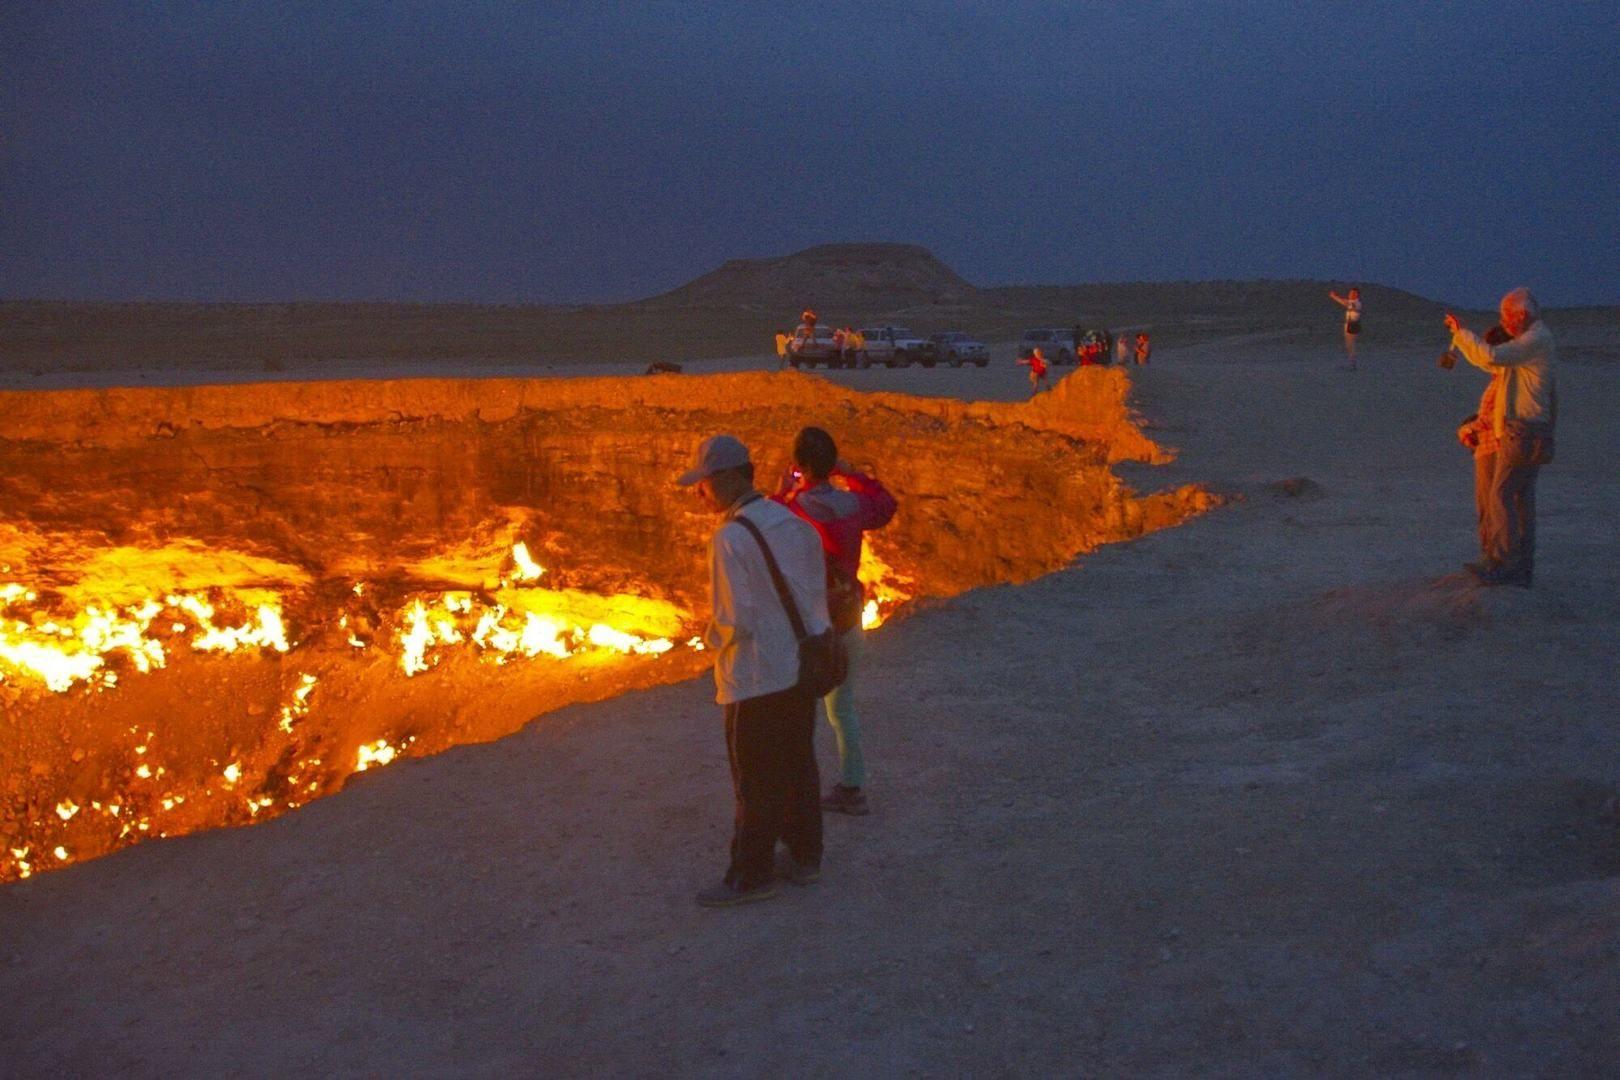 turkmenistan - photo #14